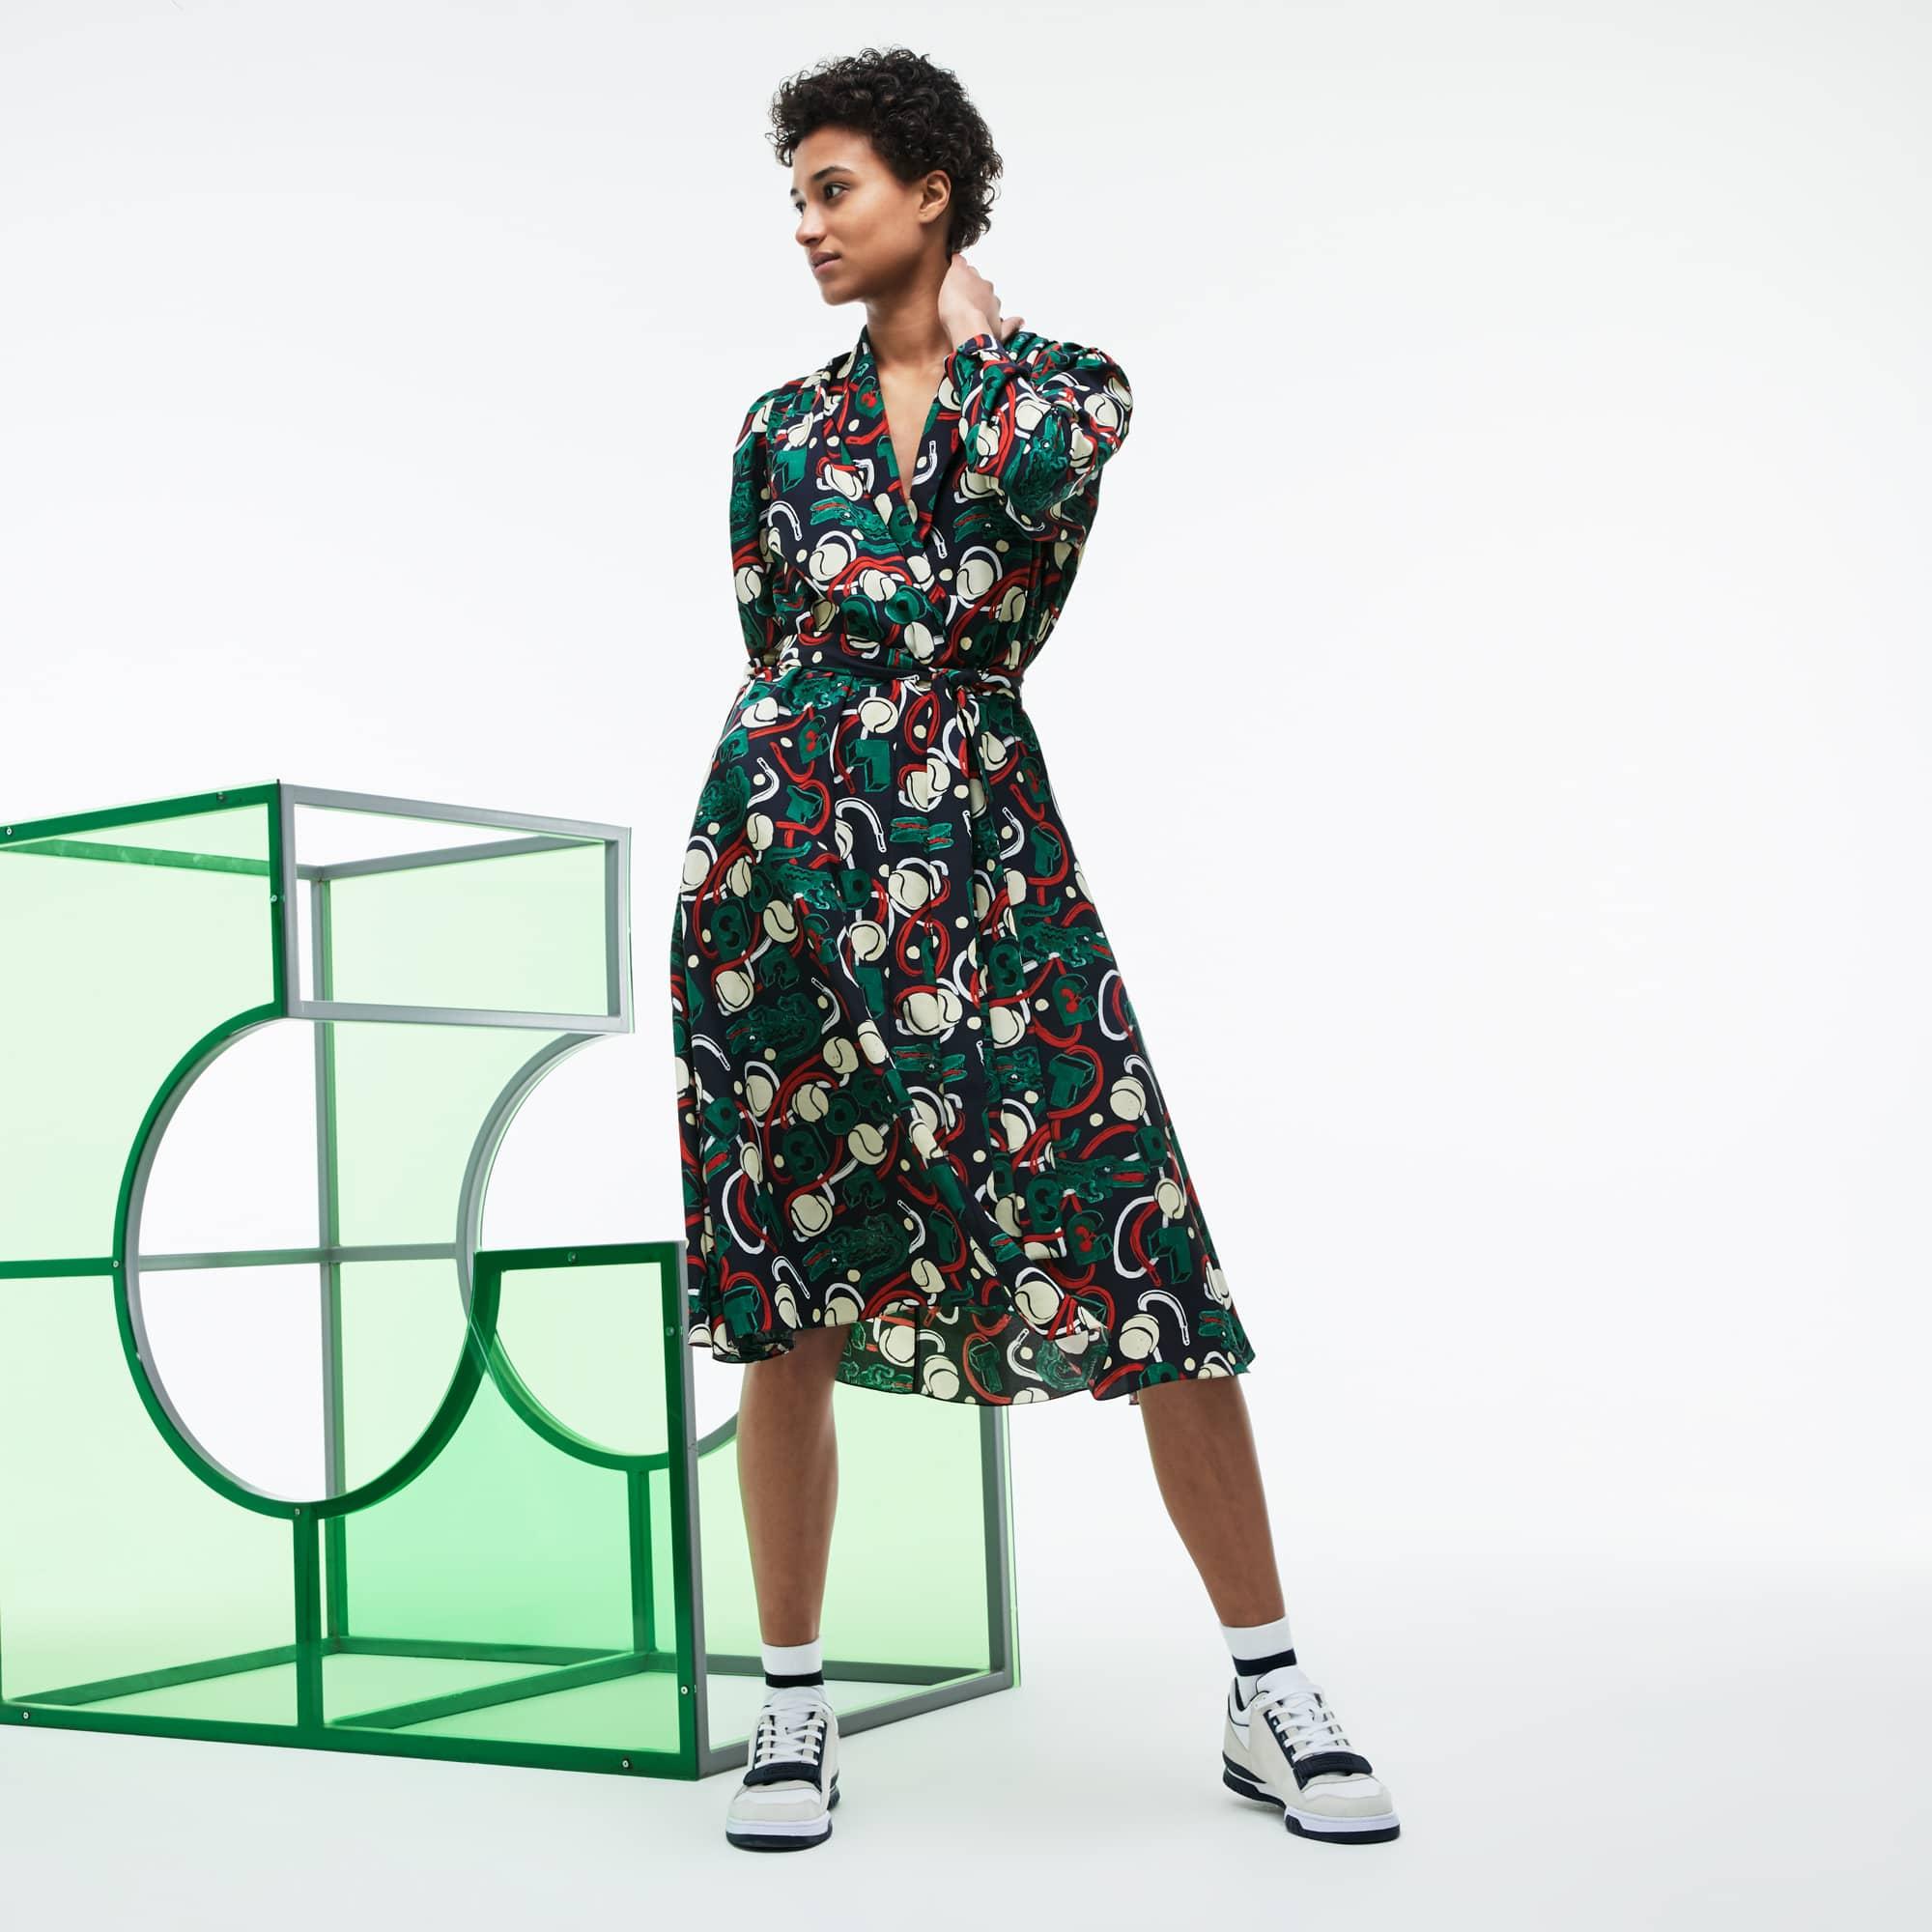 Damen Wickelkleid aus der Fashion Show Kollektion